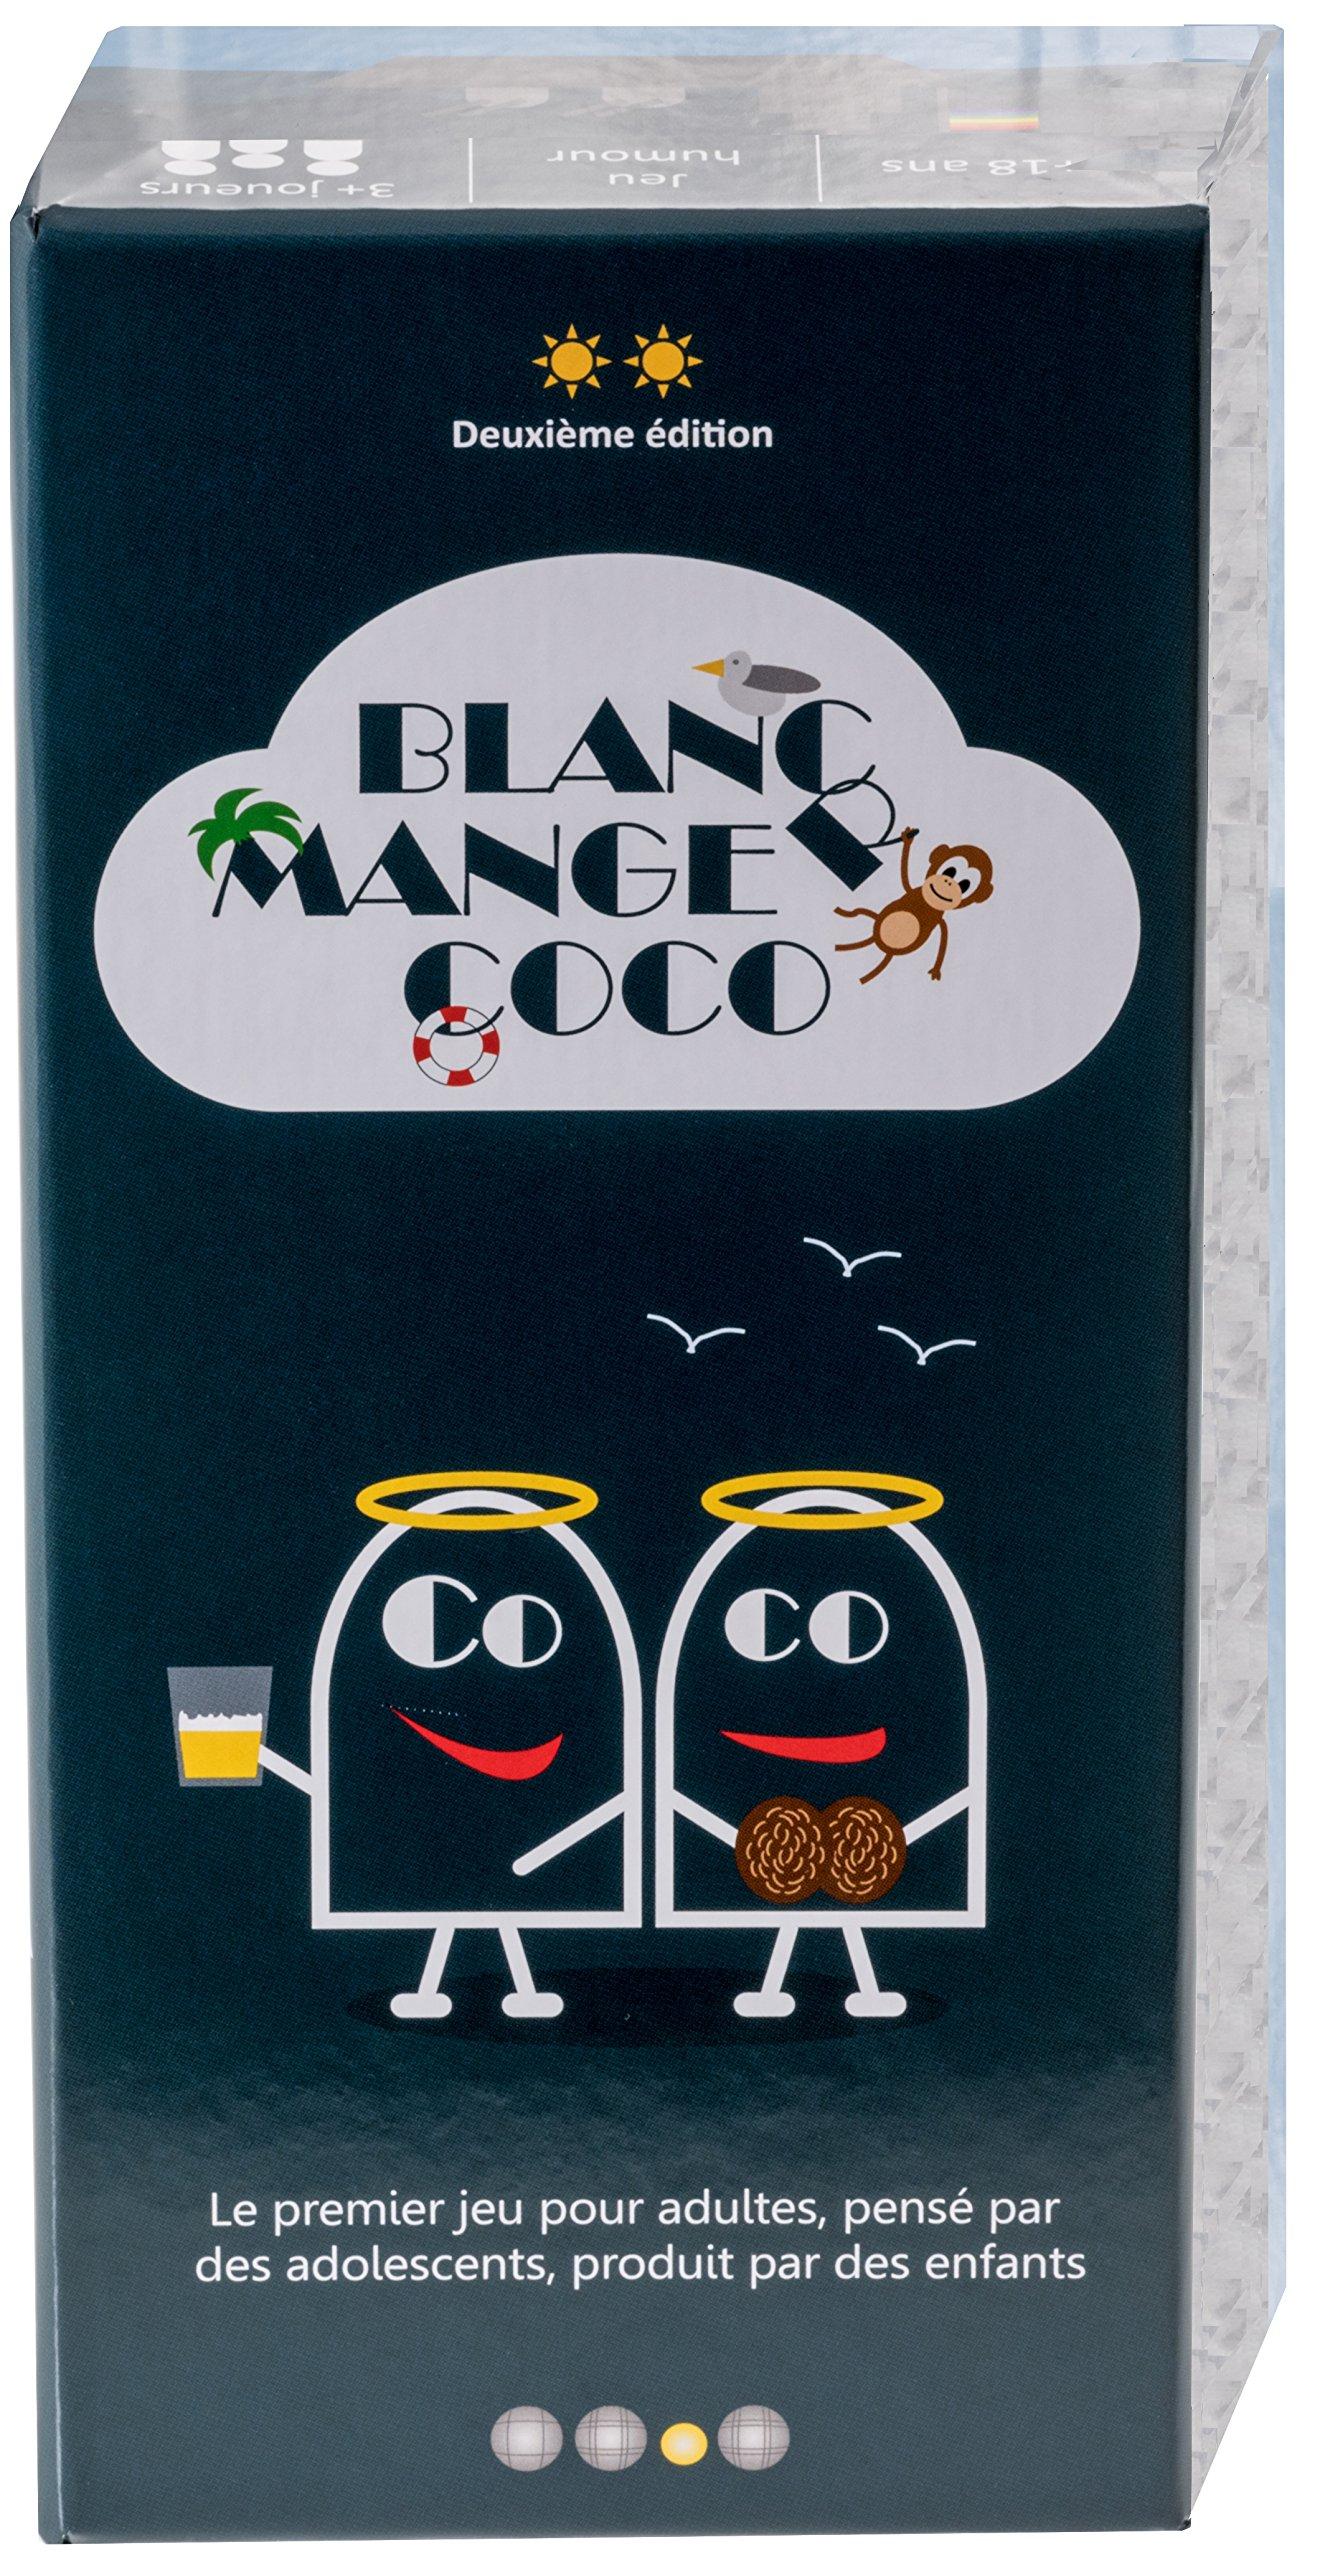 Blanc-Manger Coco - Le 1er jeu pour adultes pensé par des ados, produit par des enfants - 600 cartes product image